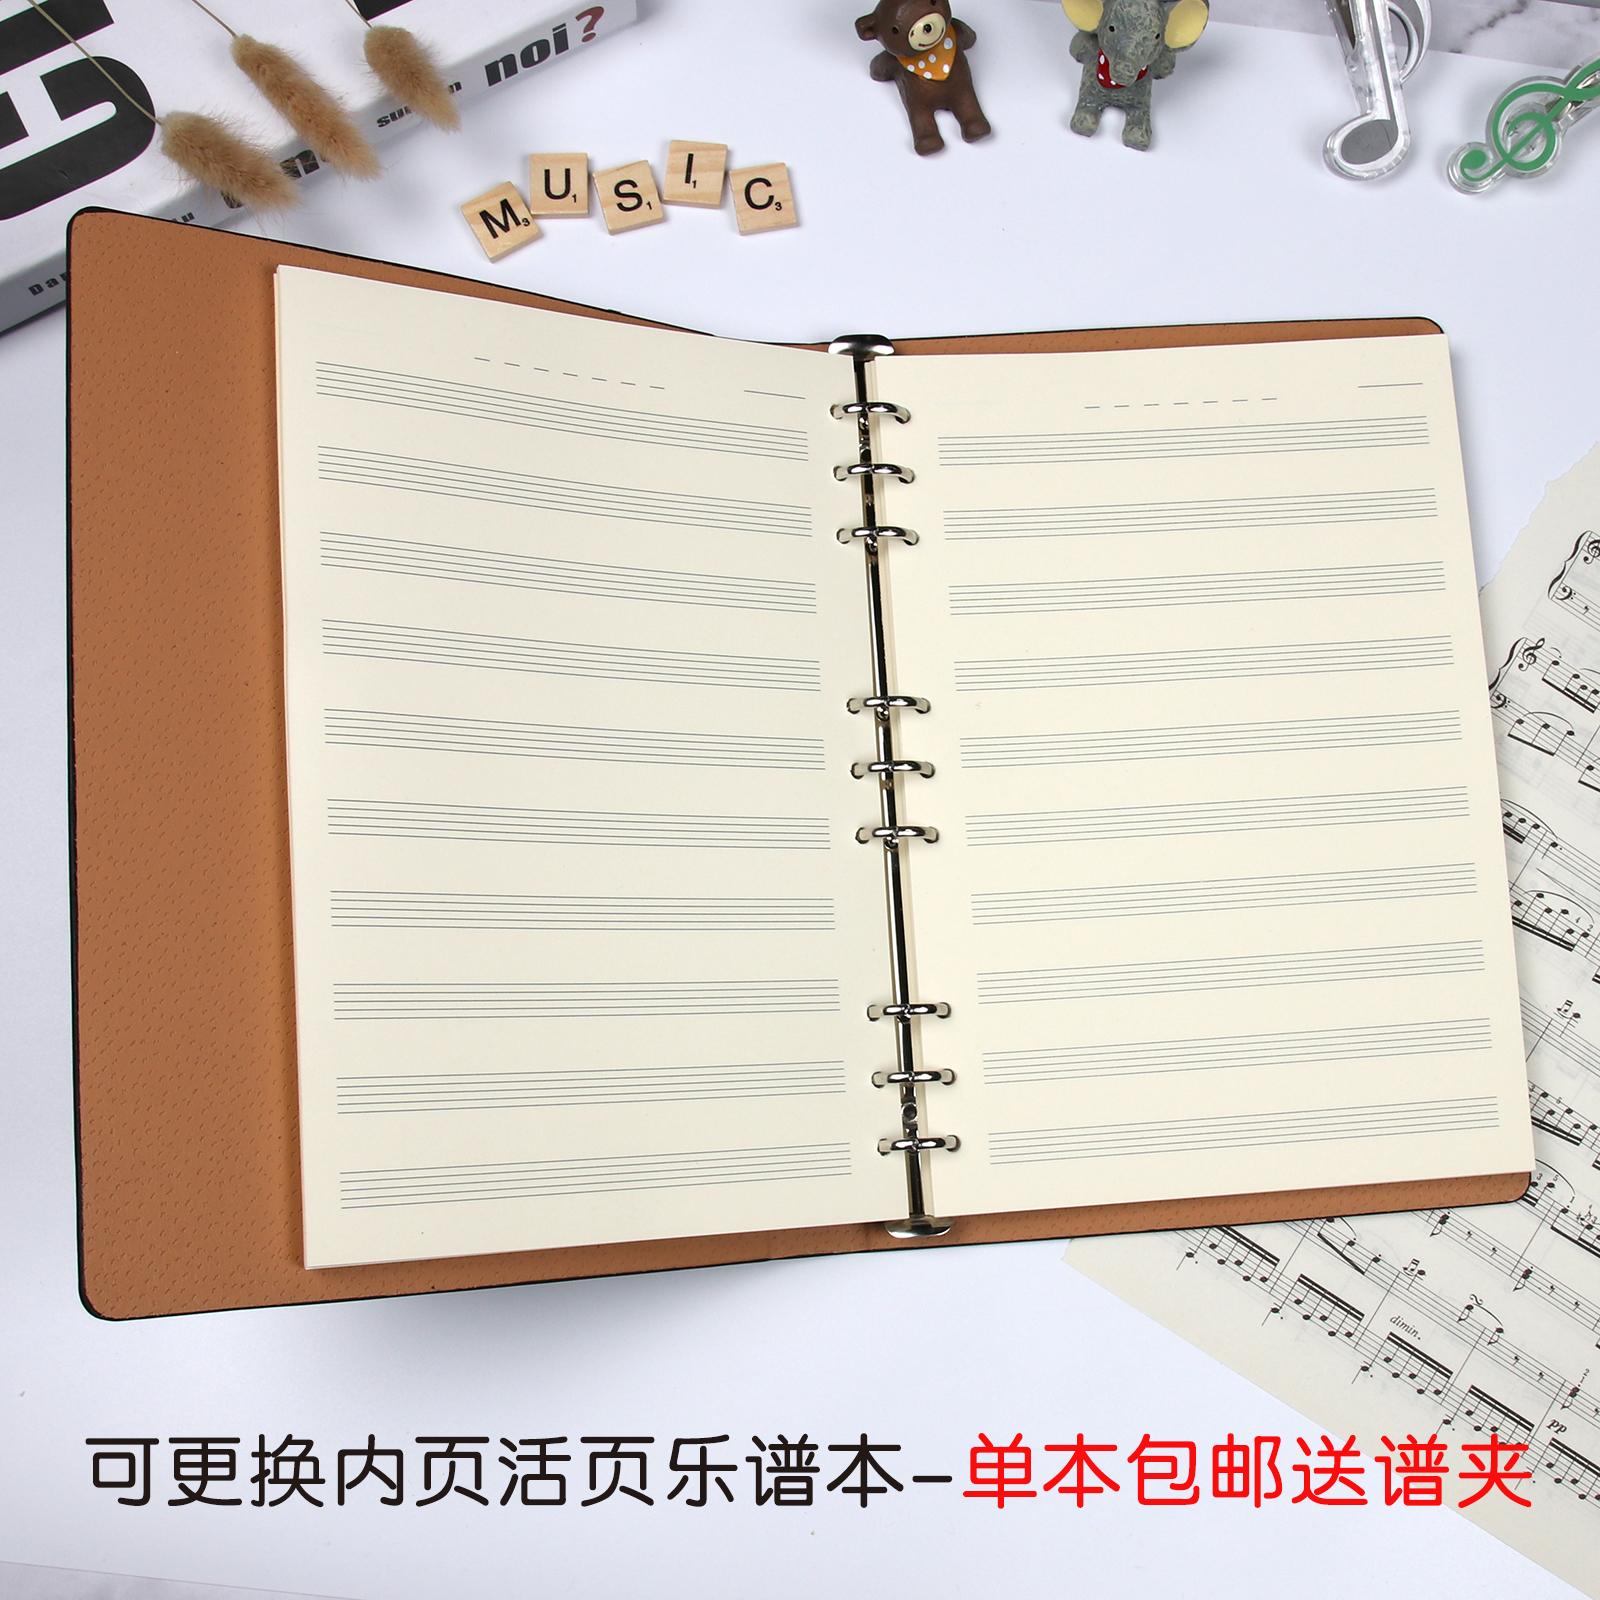 9孔活页五线谱本子六线谱本乐谱本可更换内页音乐本钢琴谱寛距B5券后24.99元